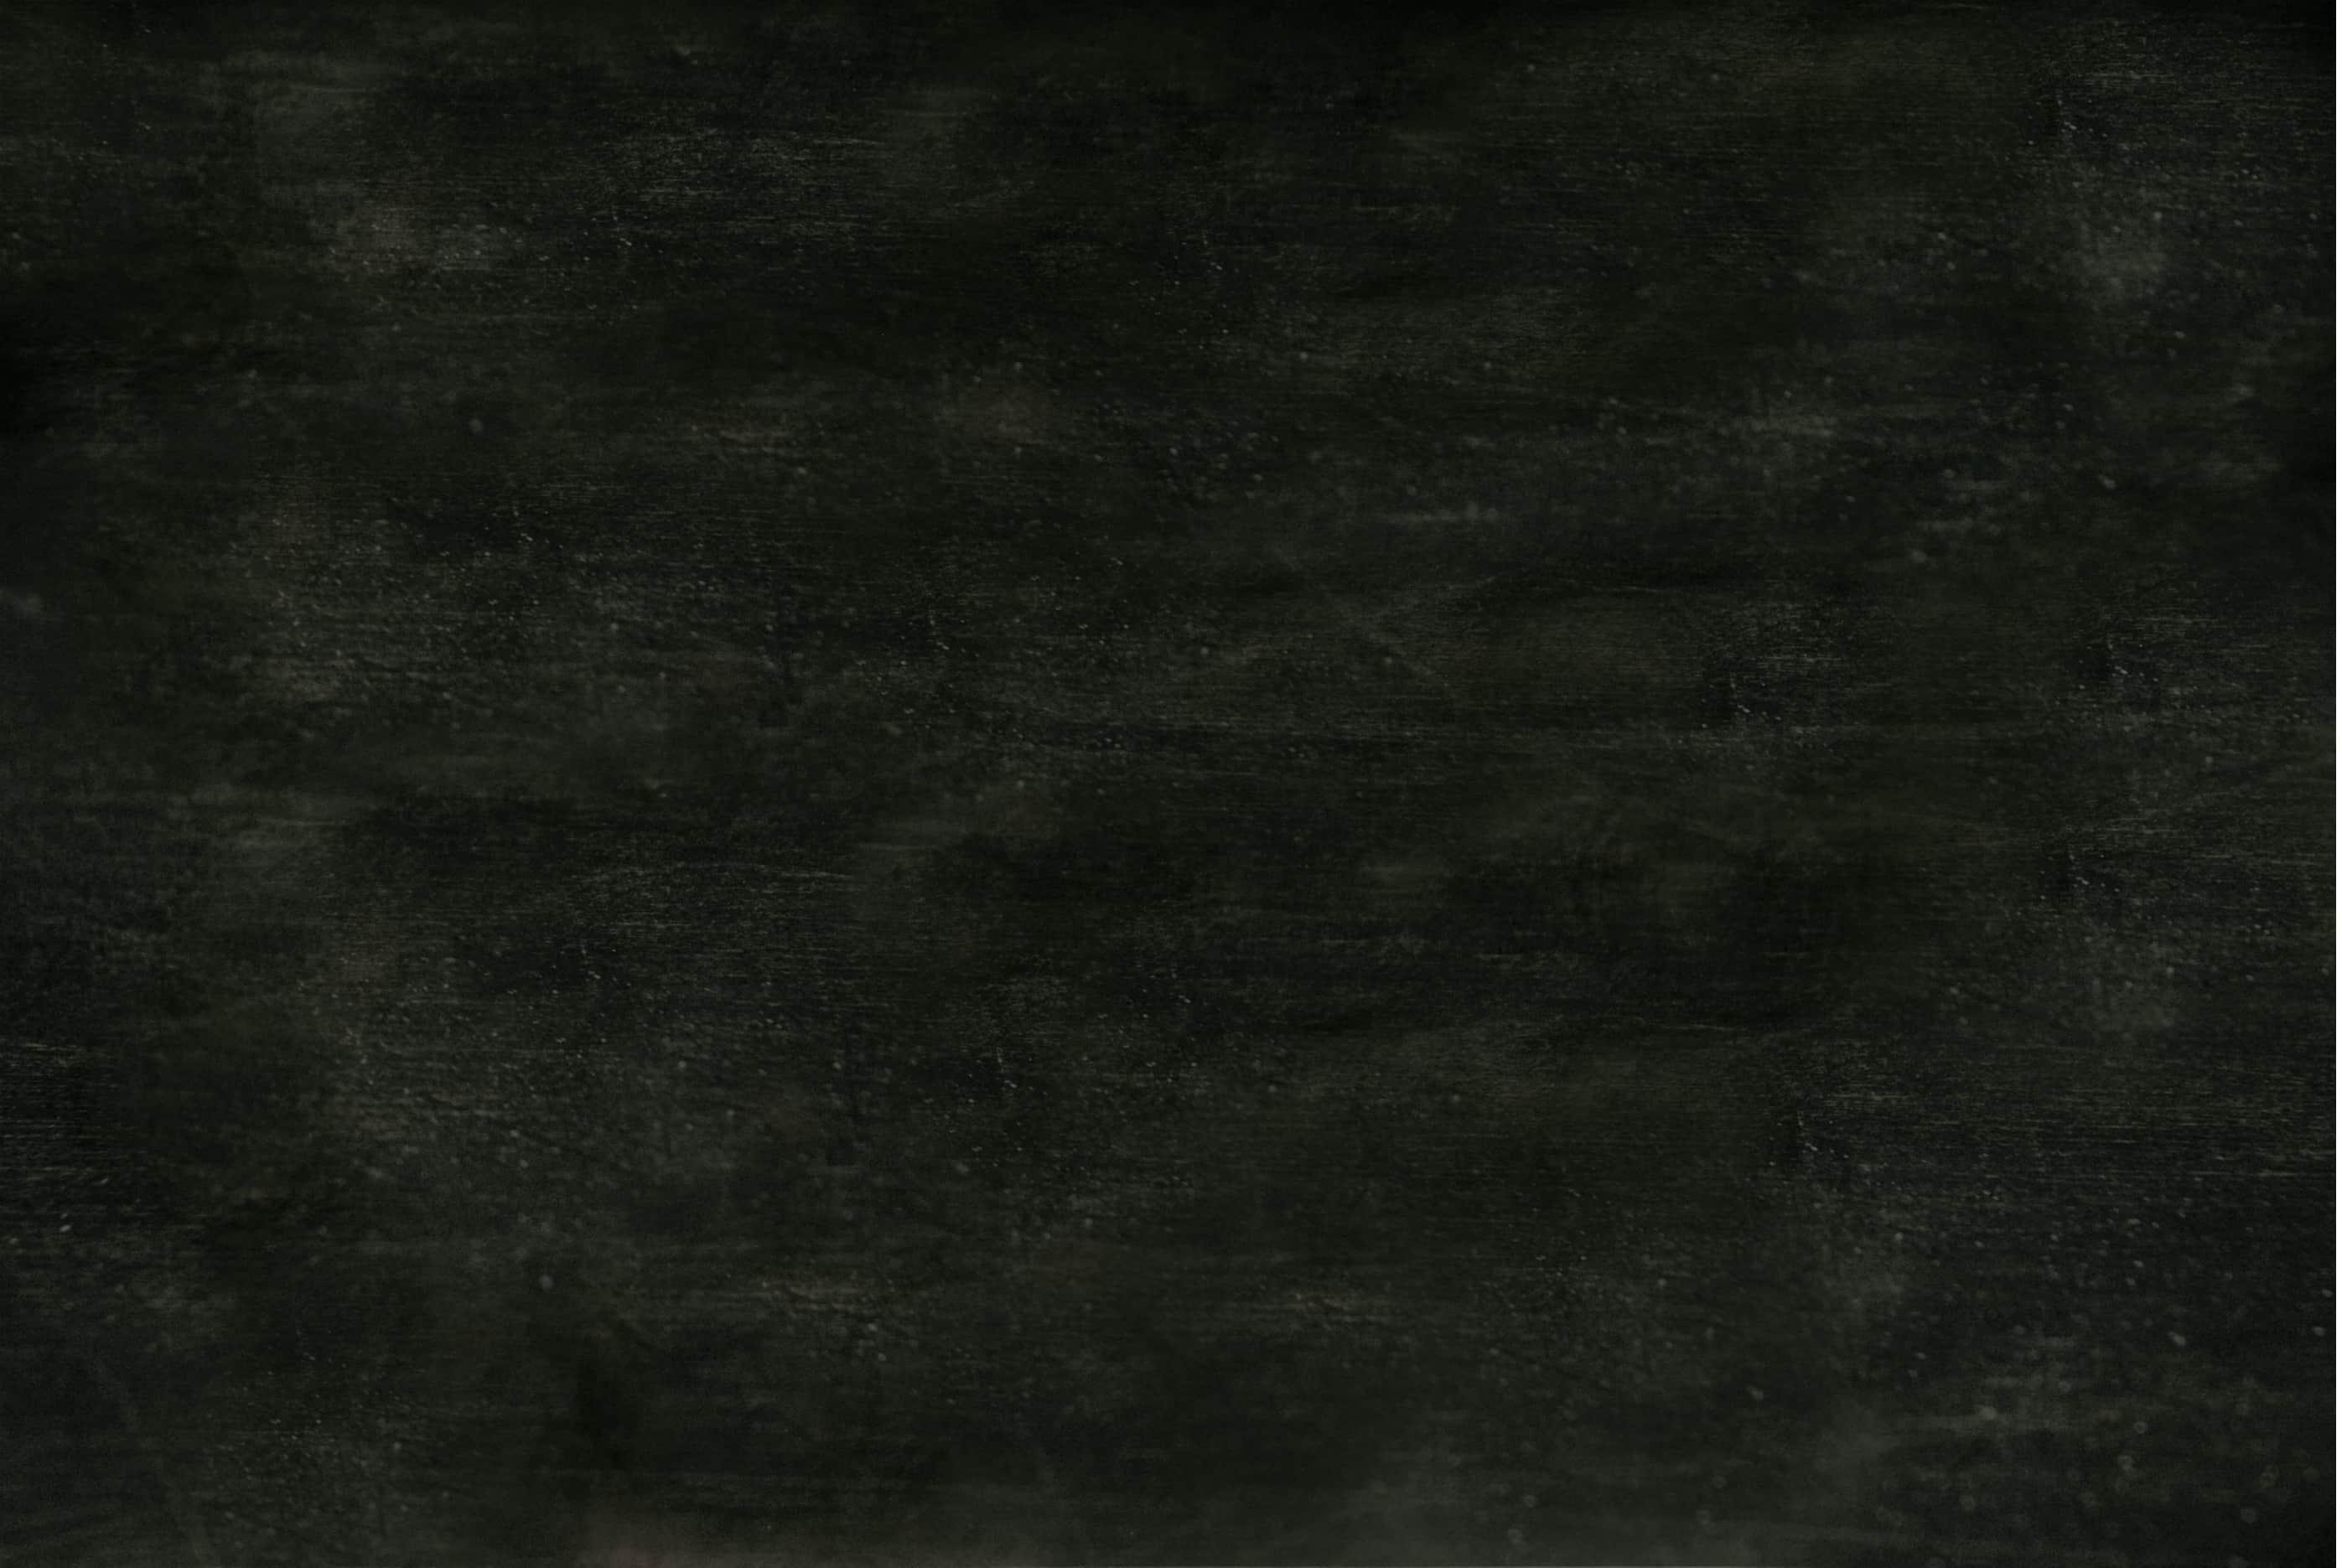 Chalkboard-Background-026.jpg